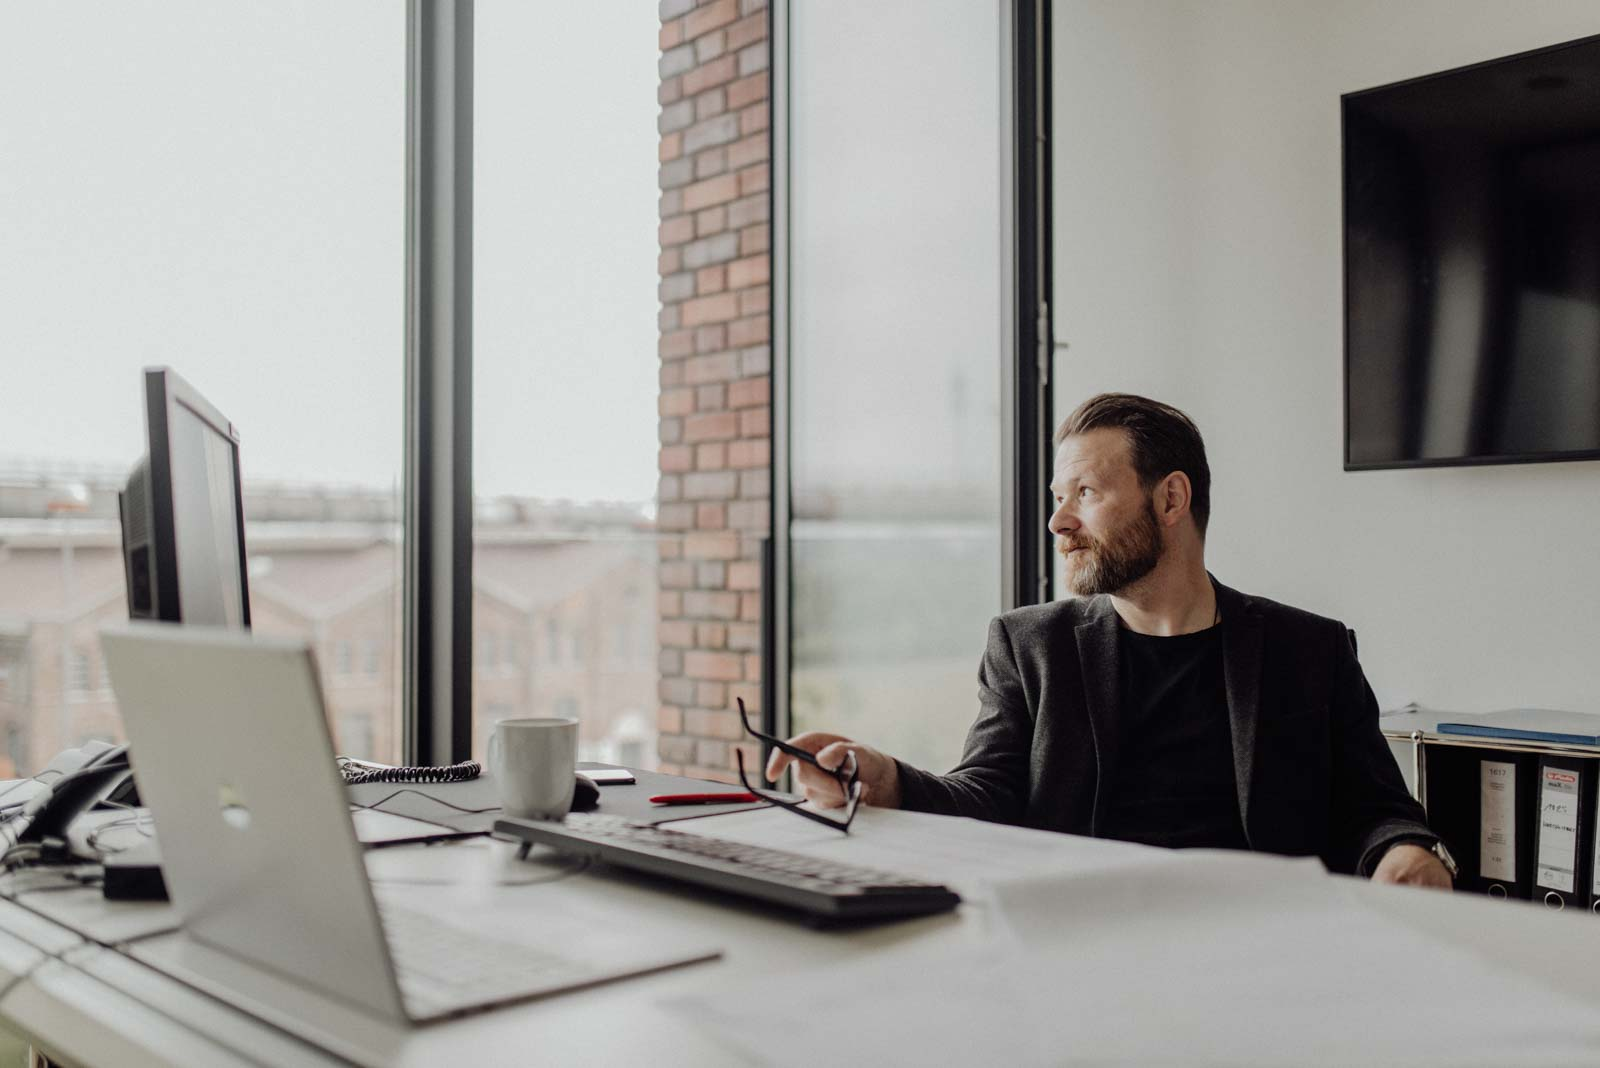 Architekt blickt aus dem Fenster in seinem Büro